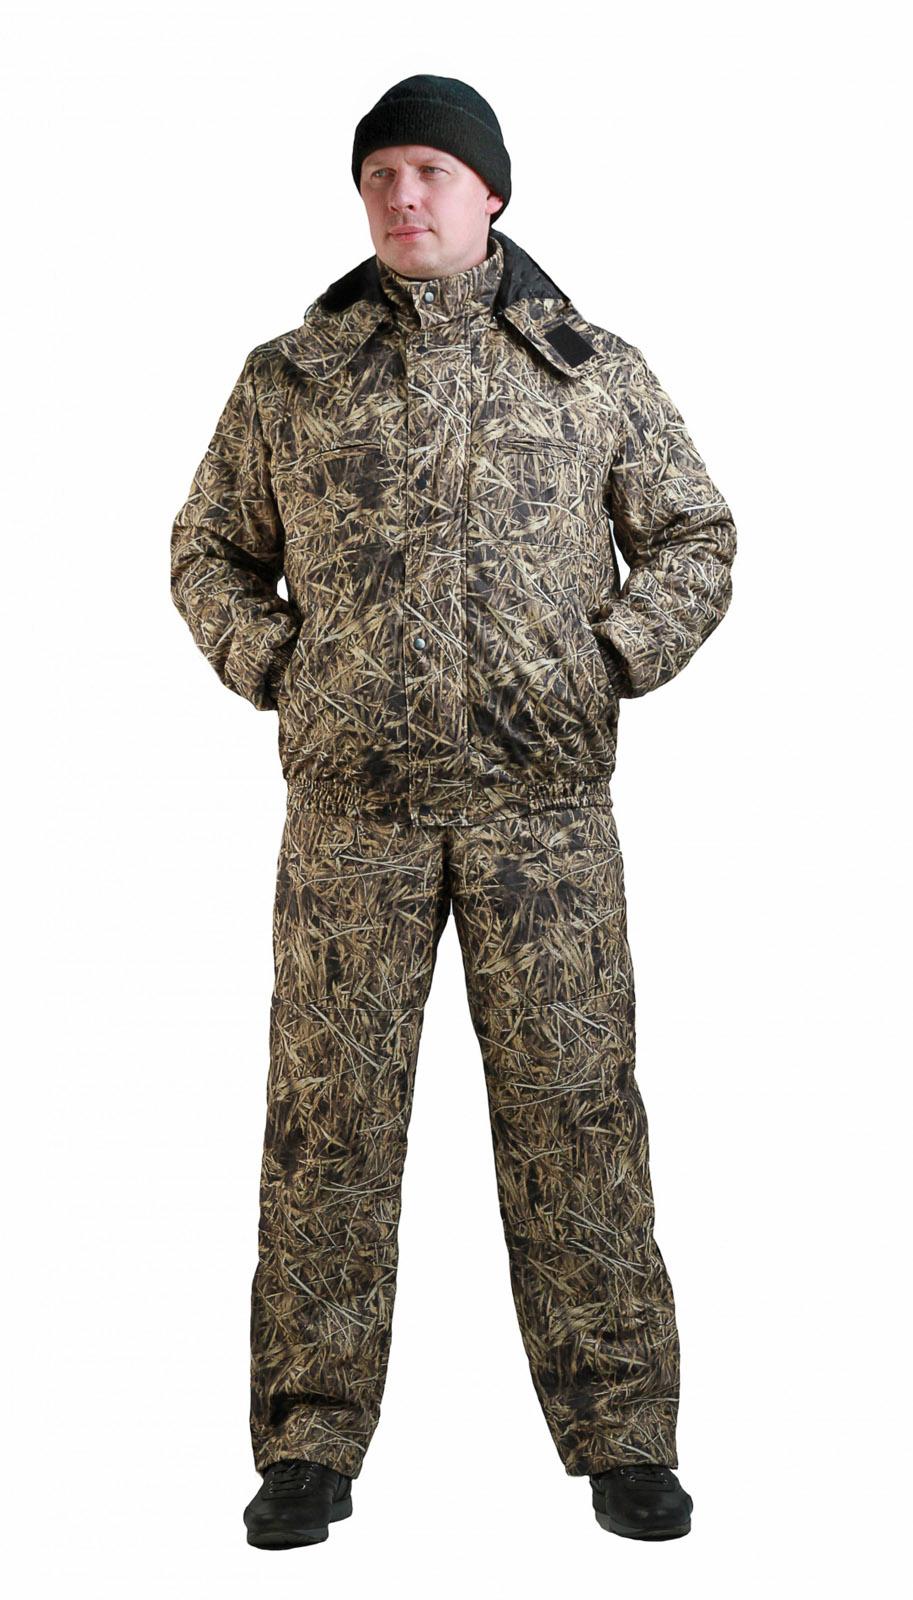 Костюм мужской Вихрь демисезонный кмф Костюмы неутепленные<br>Камуфлированный универсальный демисезонный <br>костюм для охоты, рыбалки и активного отдыха. <br>Состоит из укороченной куртки с капюшоном <br>и полукомбинезона. Куртка: • Регулируемый <br>капюшон - воротник на флисе. • Центральная <br>застежка молния закрыта ветрозащитной <br>планкой на кнопках. • Нижние прорезные <br>карманы на молнию, нагрудные накладные <br>карманы с клапаном на кнопке и накладной <br>карман с клапаном на кнопке на рукаве. • <br>Низ куртки и манжеты на широкой резинке. <br>Полукомбинезон • Высокая спинка и полочка <br>• Застежка центральная на молнию.. • Два <br>верхних прорезных кармана и один накладной <br>боковой с клапаном на кнопке • Талия регулируется <br>резинкой. • Низ брюк регулируется шнуром <br>с фиксатором.<br><br>Пол: мужской<br>Размер: 48-50<br>Рост: 170-176<br>Сезон: демисезонный<br>Цвет: коричневый<br>Материал: Алова (100% полиэстер) пл. 225 г/м.кв - трикот.полотно